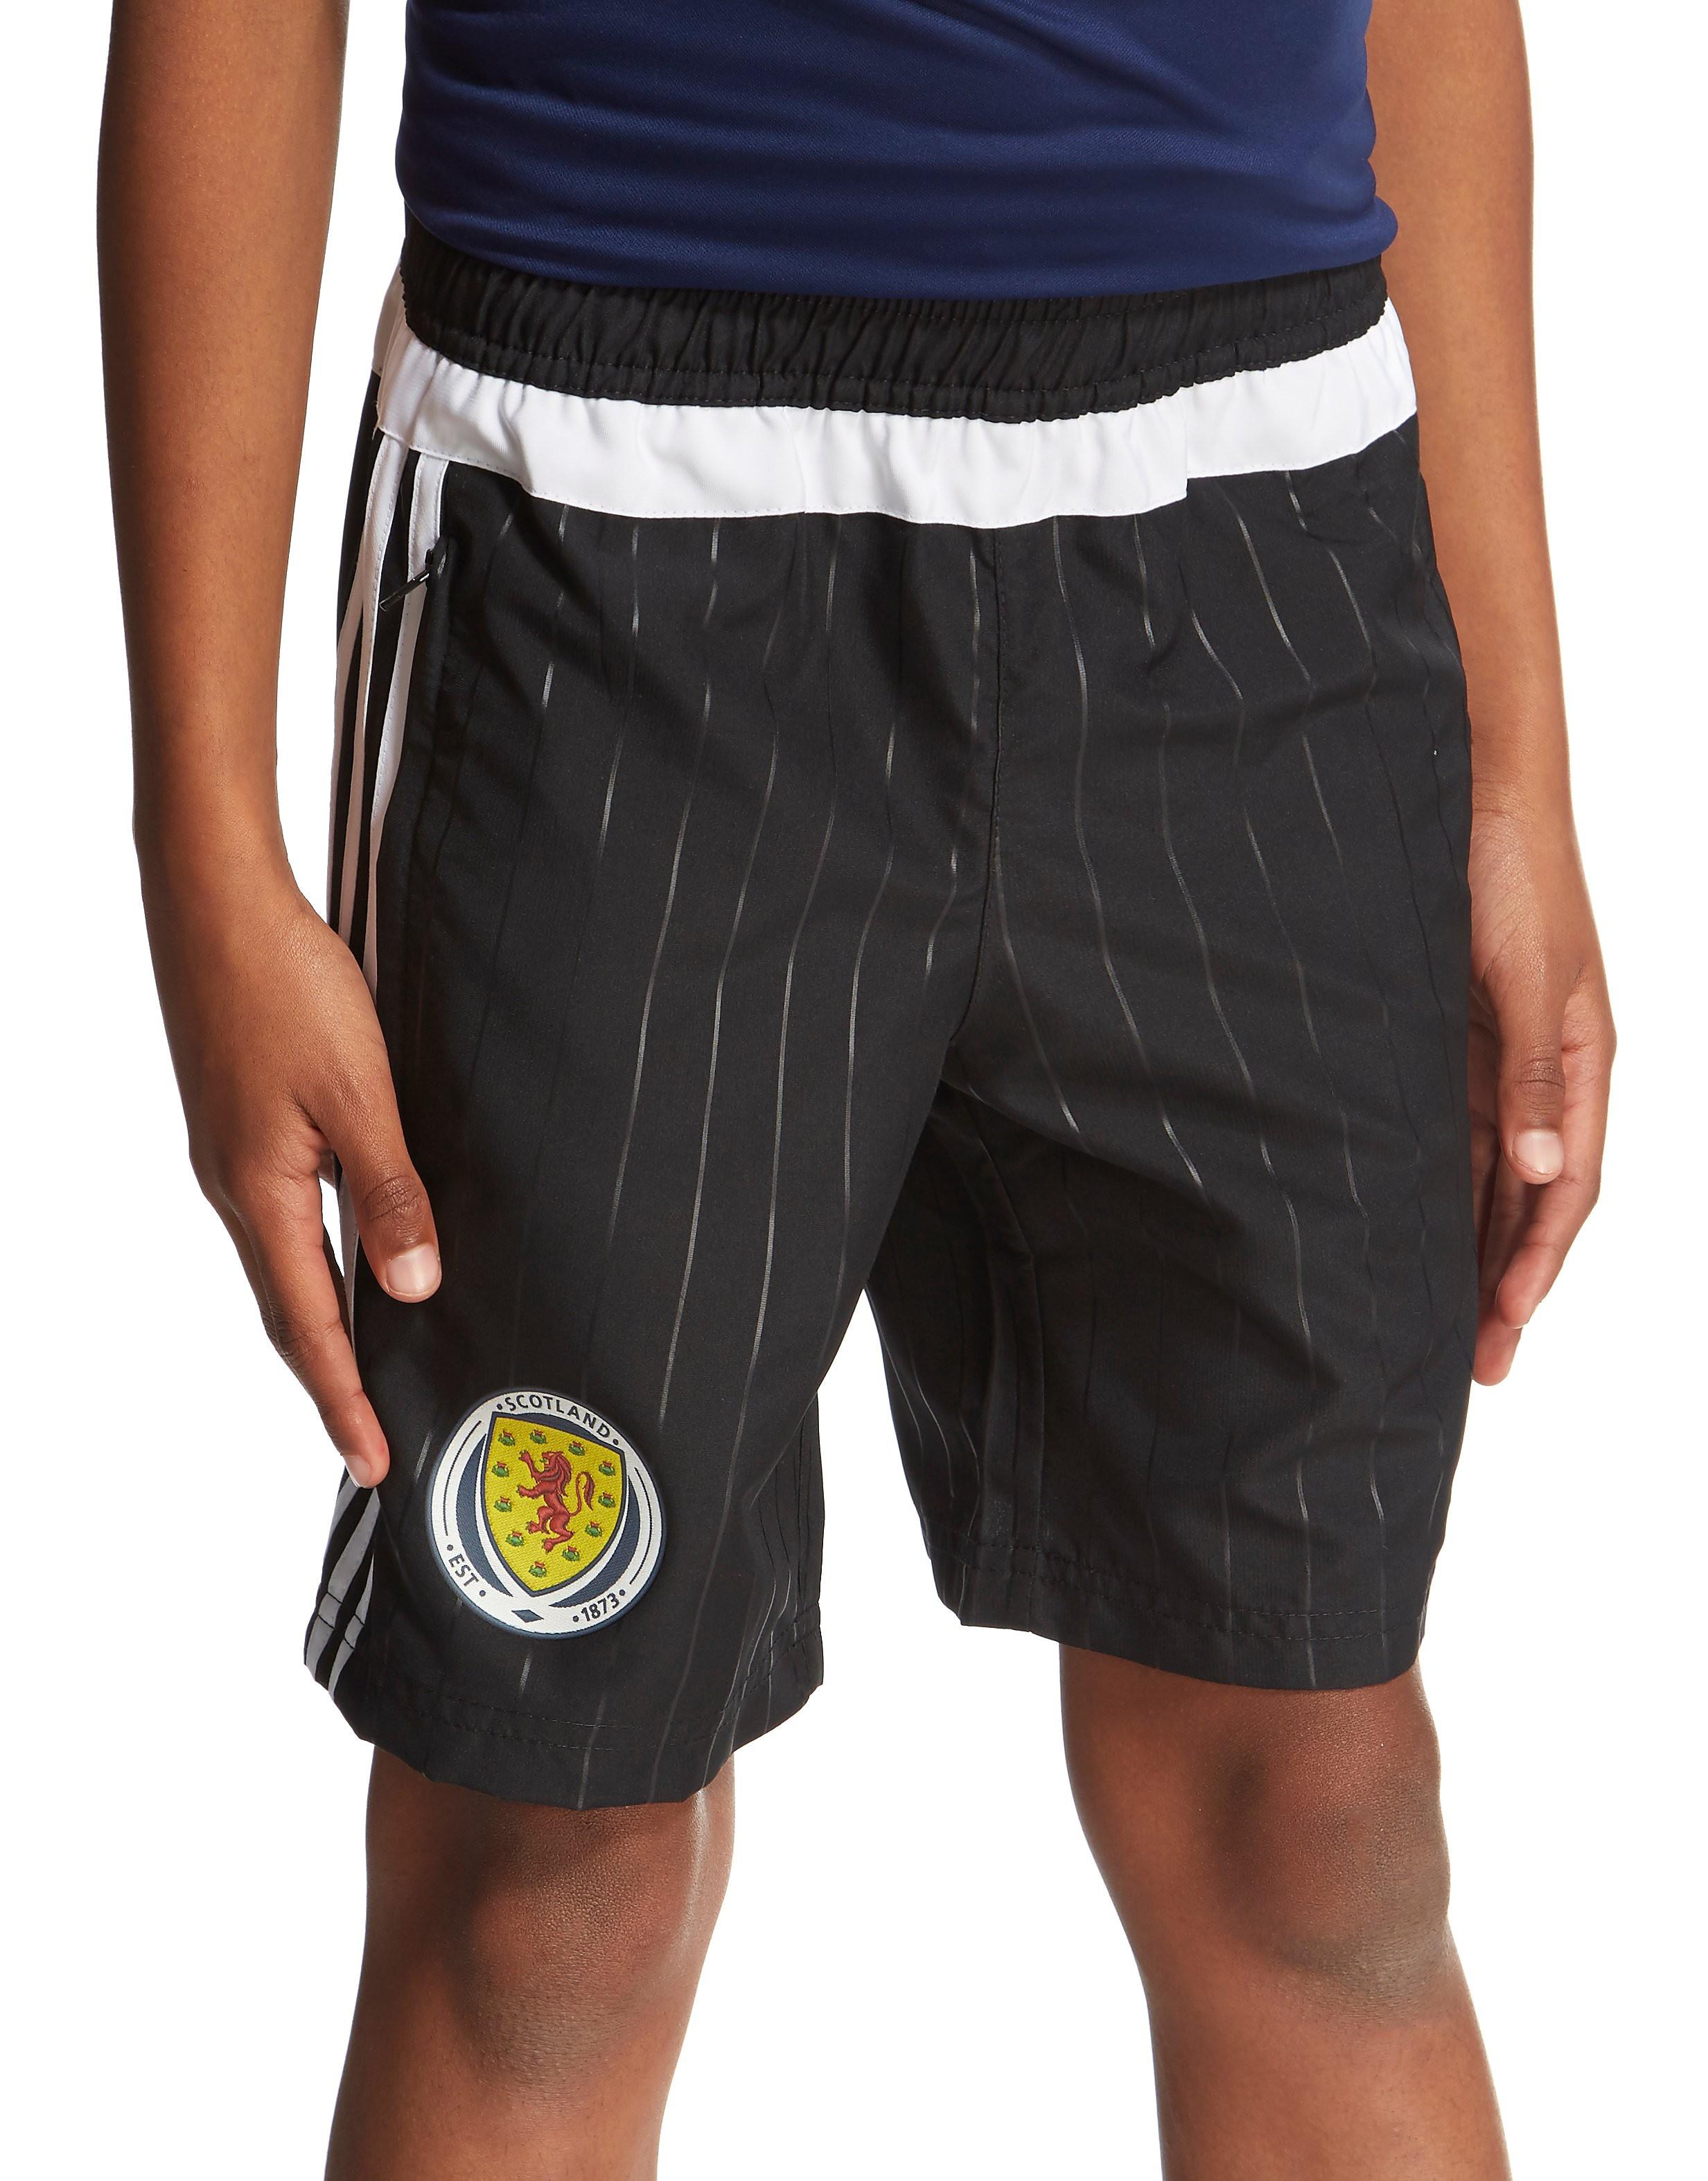 adidas Pantalones cortos de lana de Escocia FA 2015/16 para niños